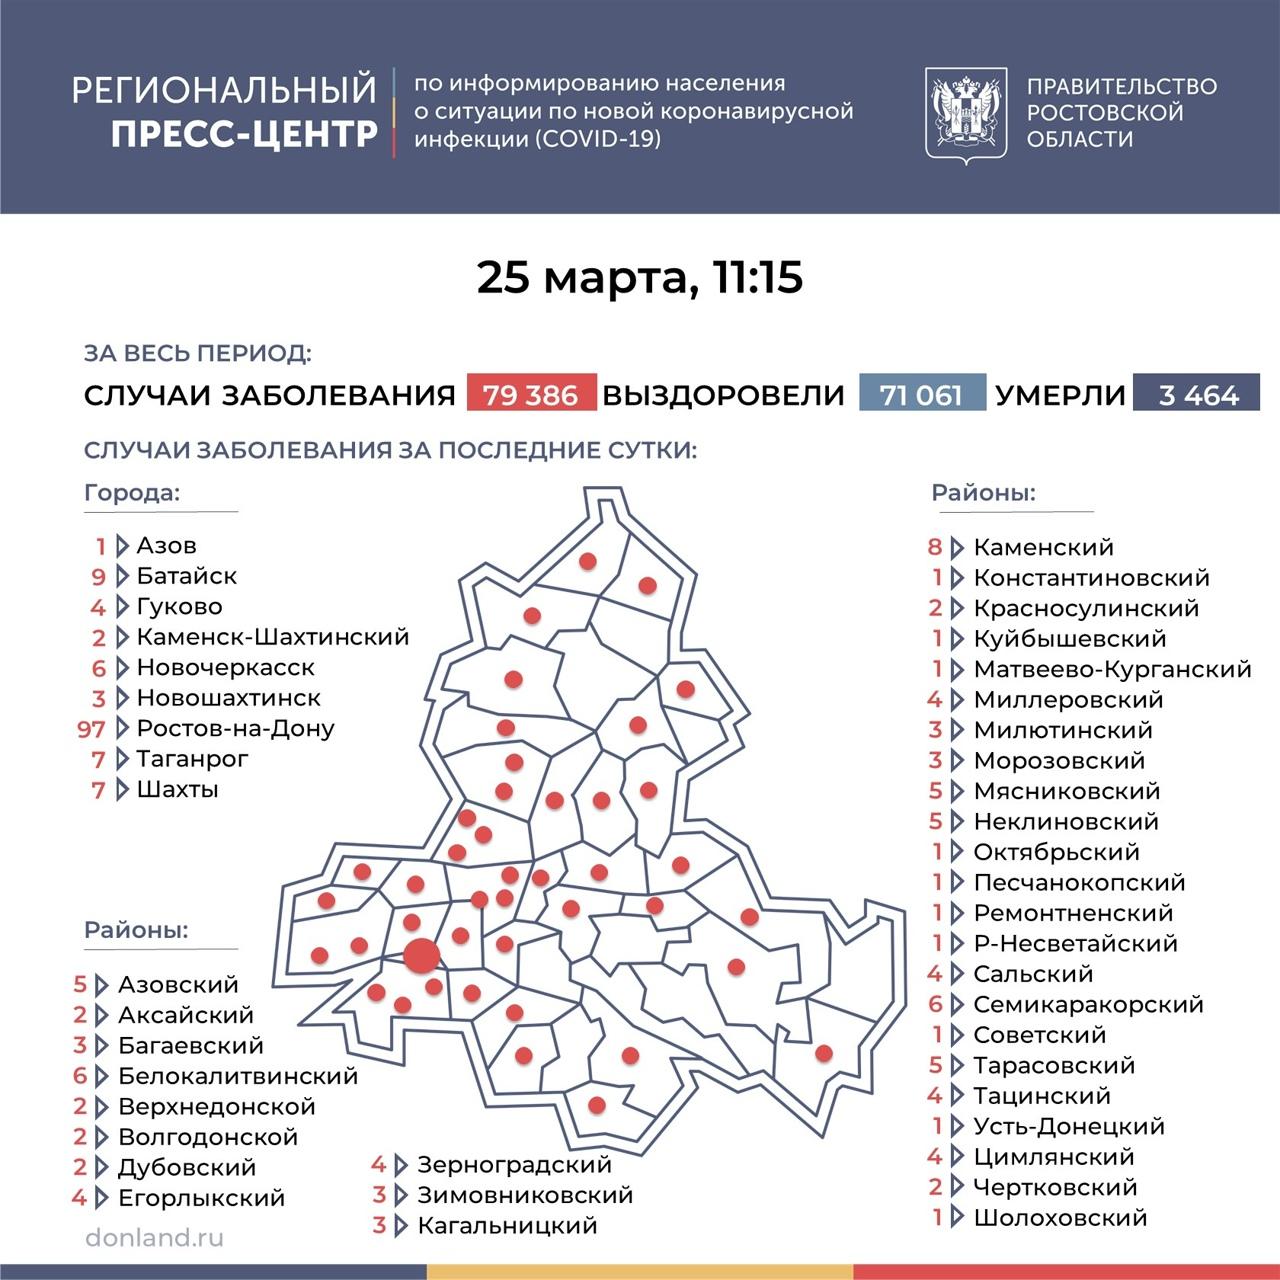 На Дону число инфицированных COVID-19 составляет 237, в Таганроге 7 новых случаев